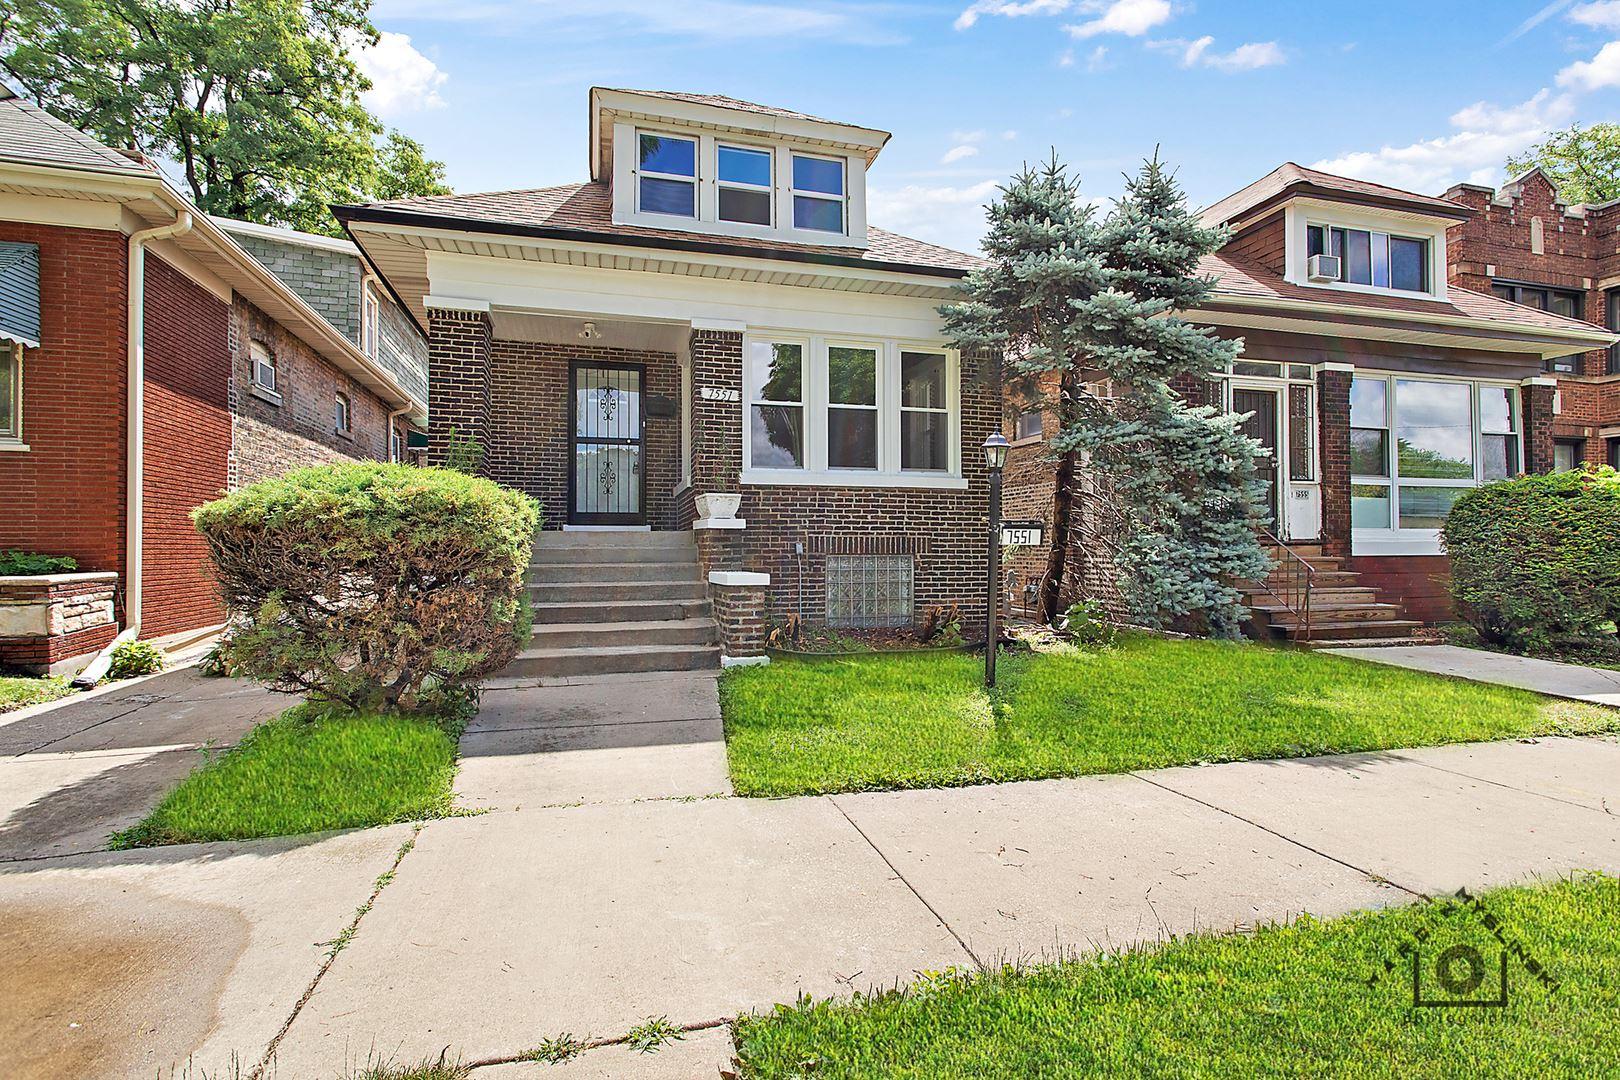 7551 S Perry Avenue, Chicago, IL 60620 - #: 10794199